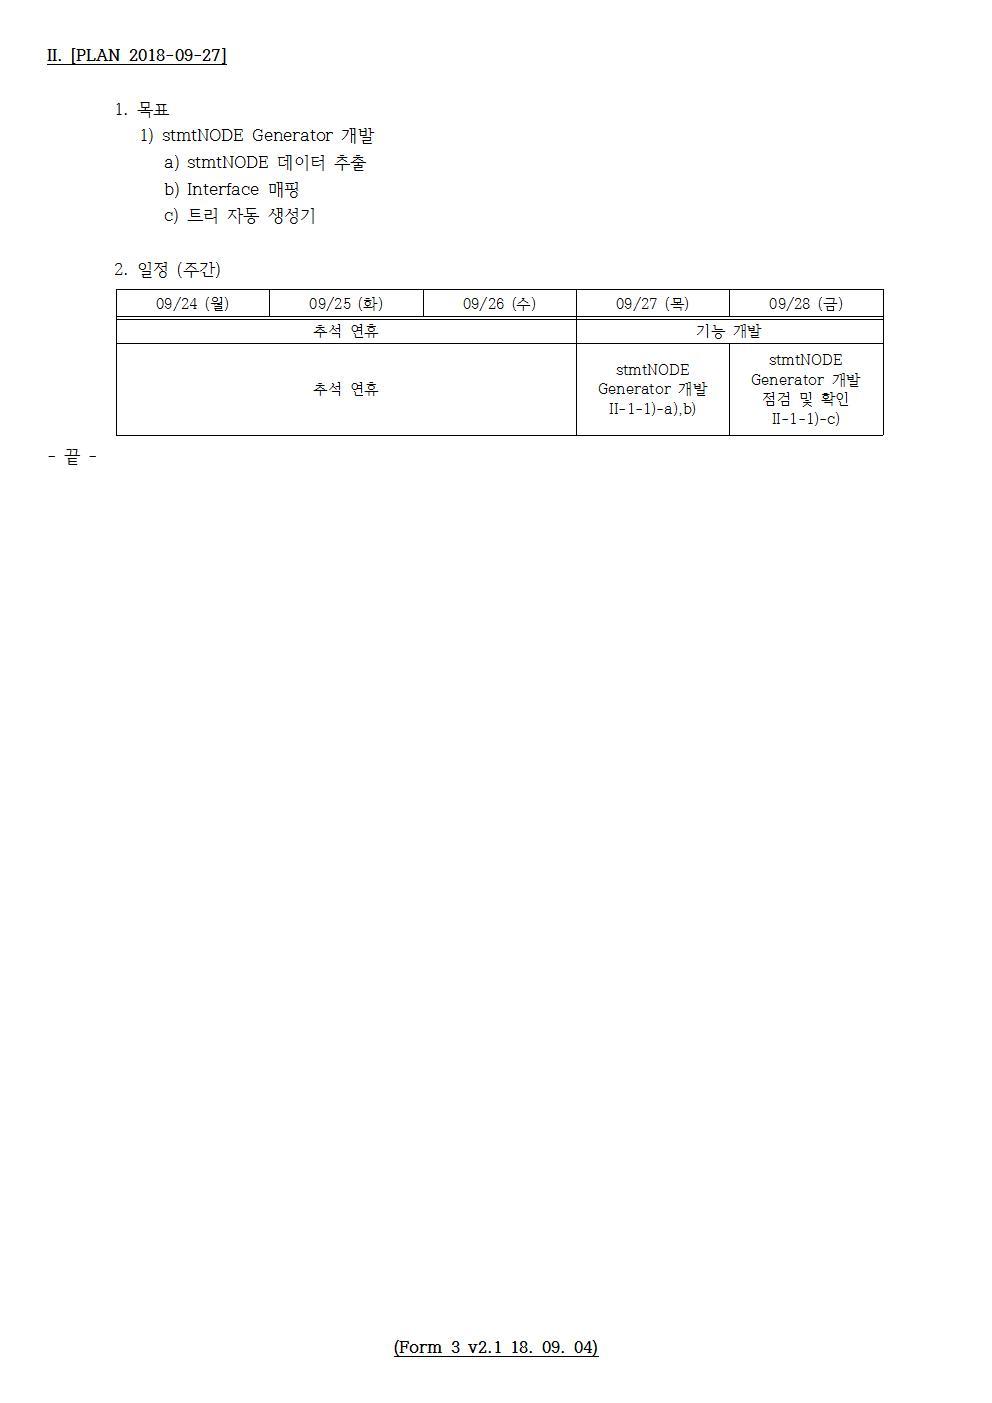 D-[18-003-RD-03]-[SRRE]-[2018-09-27][JS]002.jpg